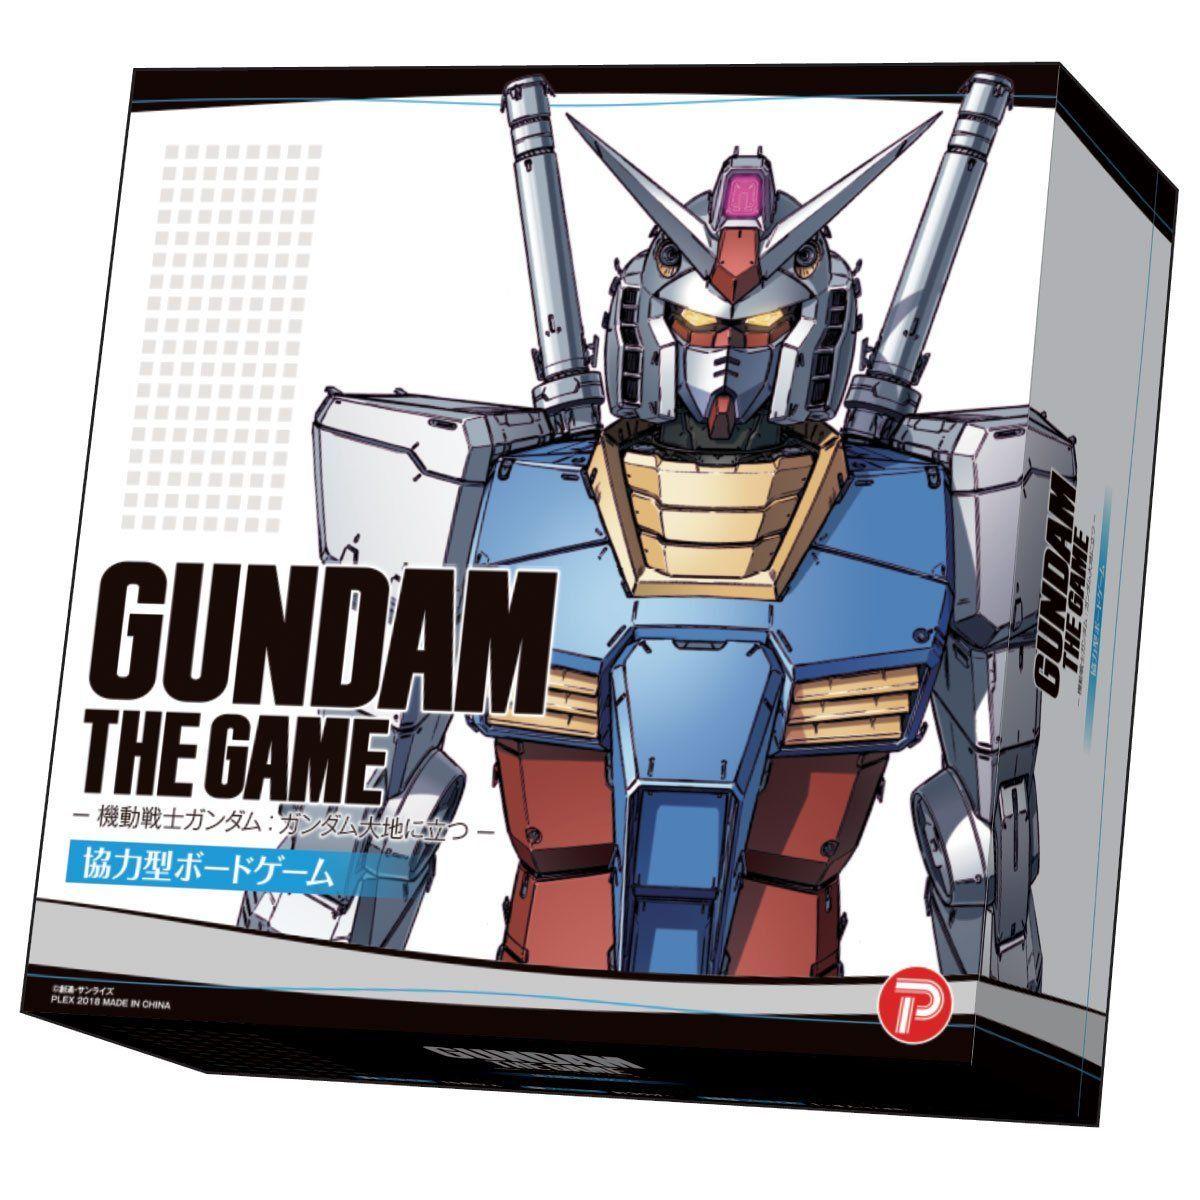 『GUNDAM THE GAME -機動戦士ガンダム:ガンダム大地に立つ-』ボードゲーム-006